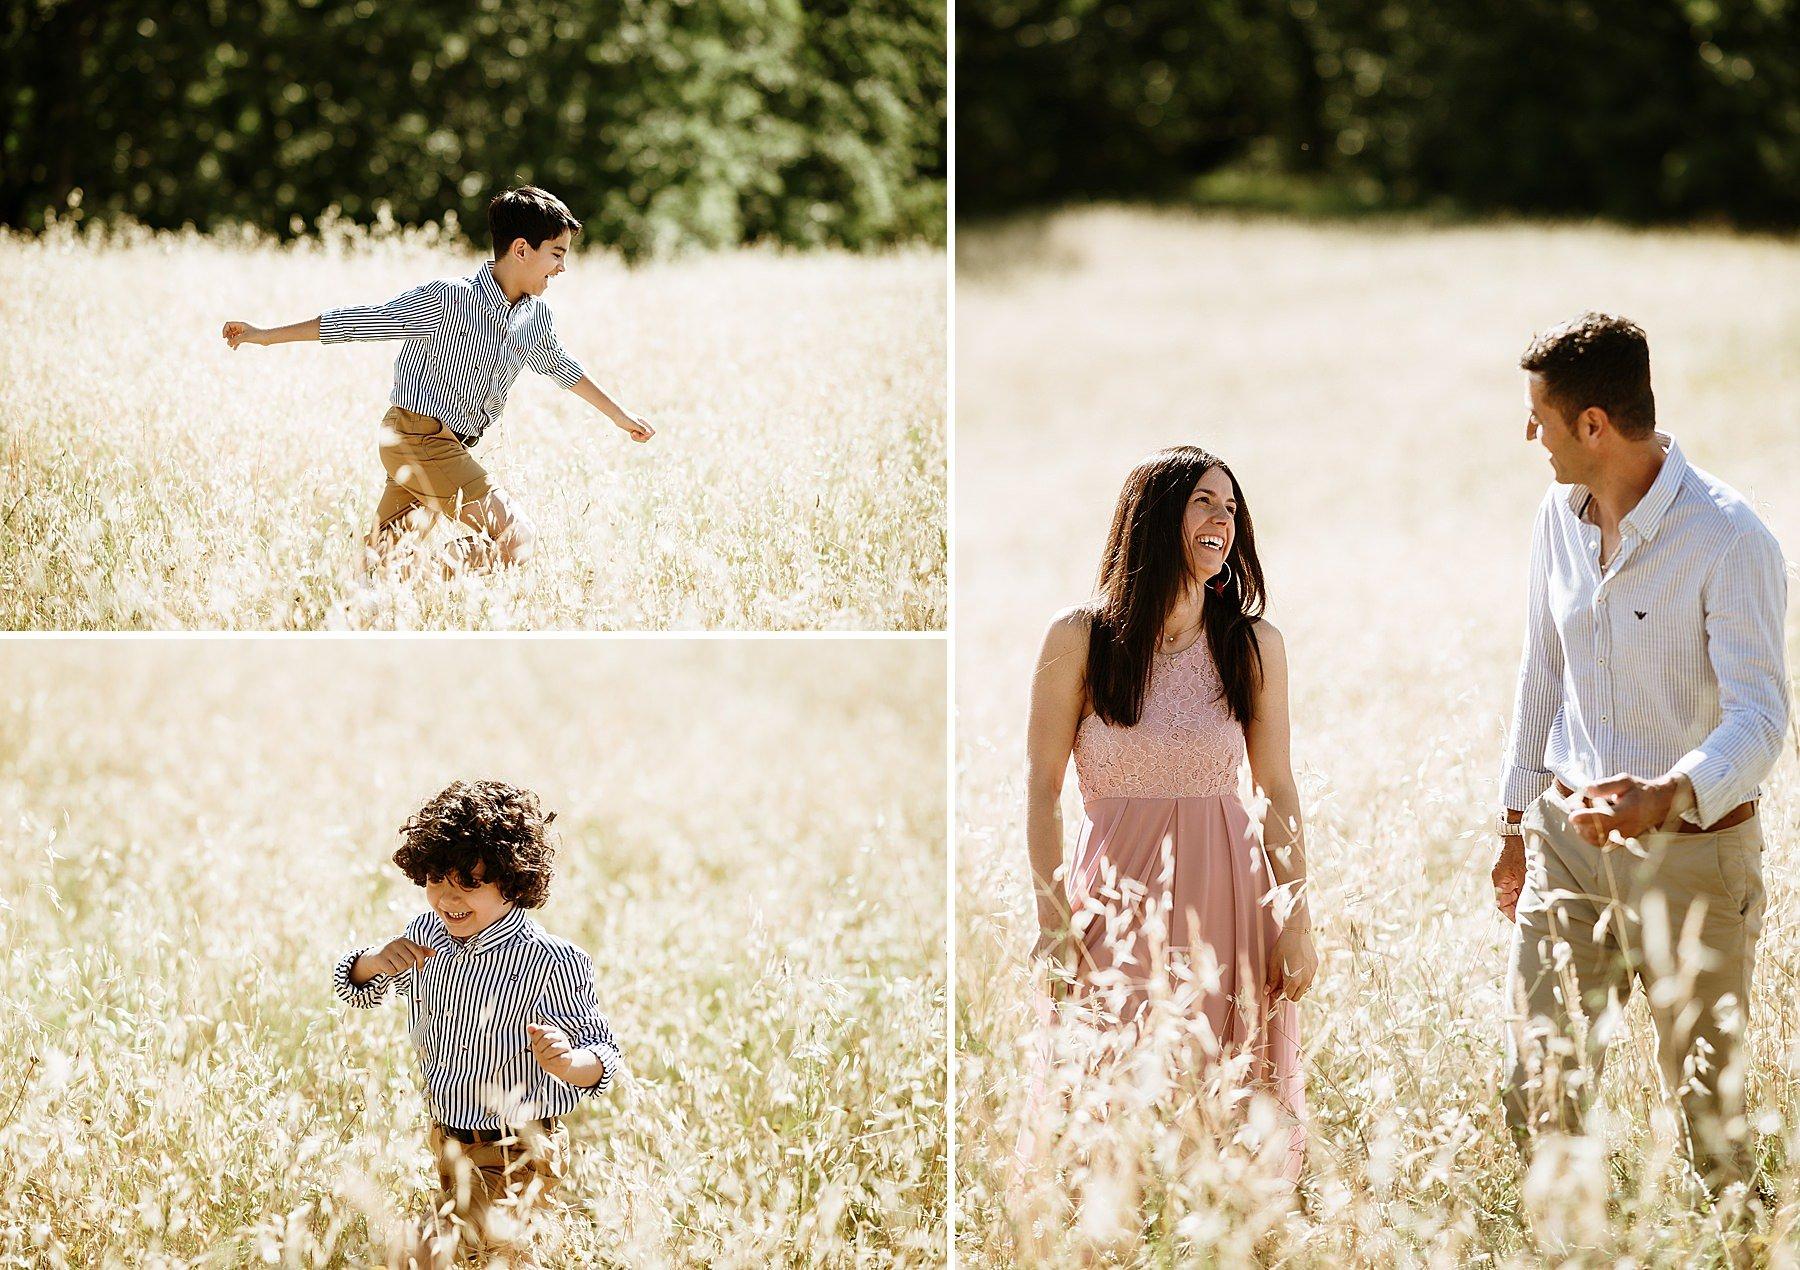 bambino che corre felice in un campo